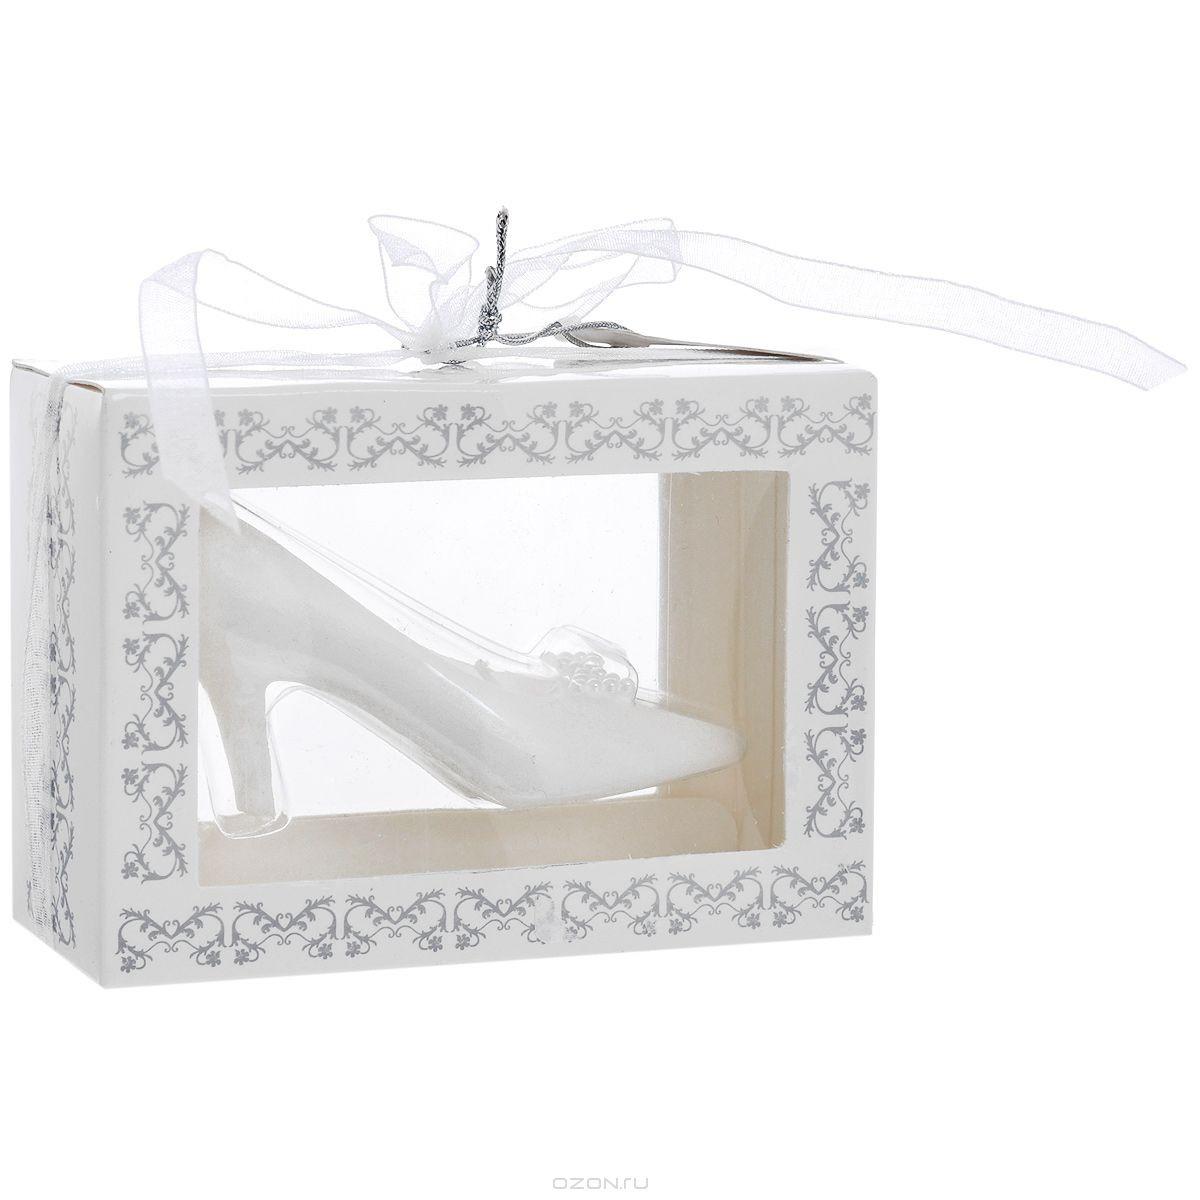 Свеча декоративная Туфелька, цвет: белый